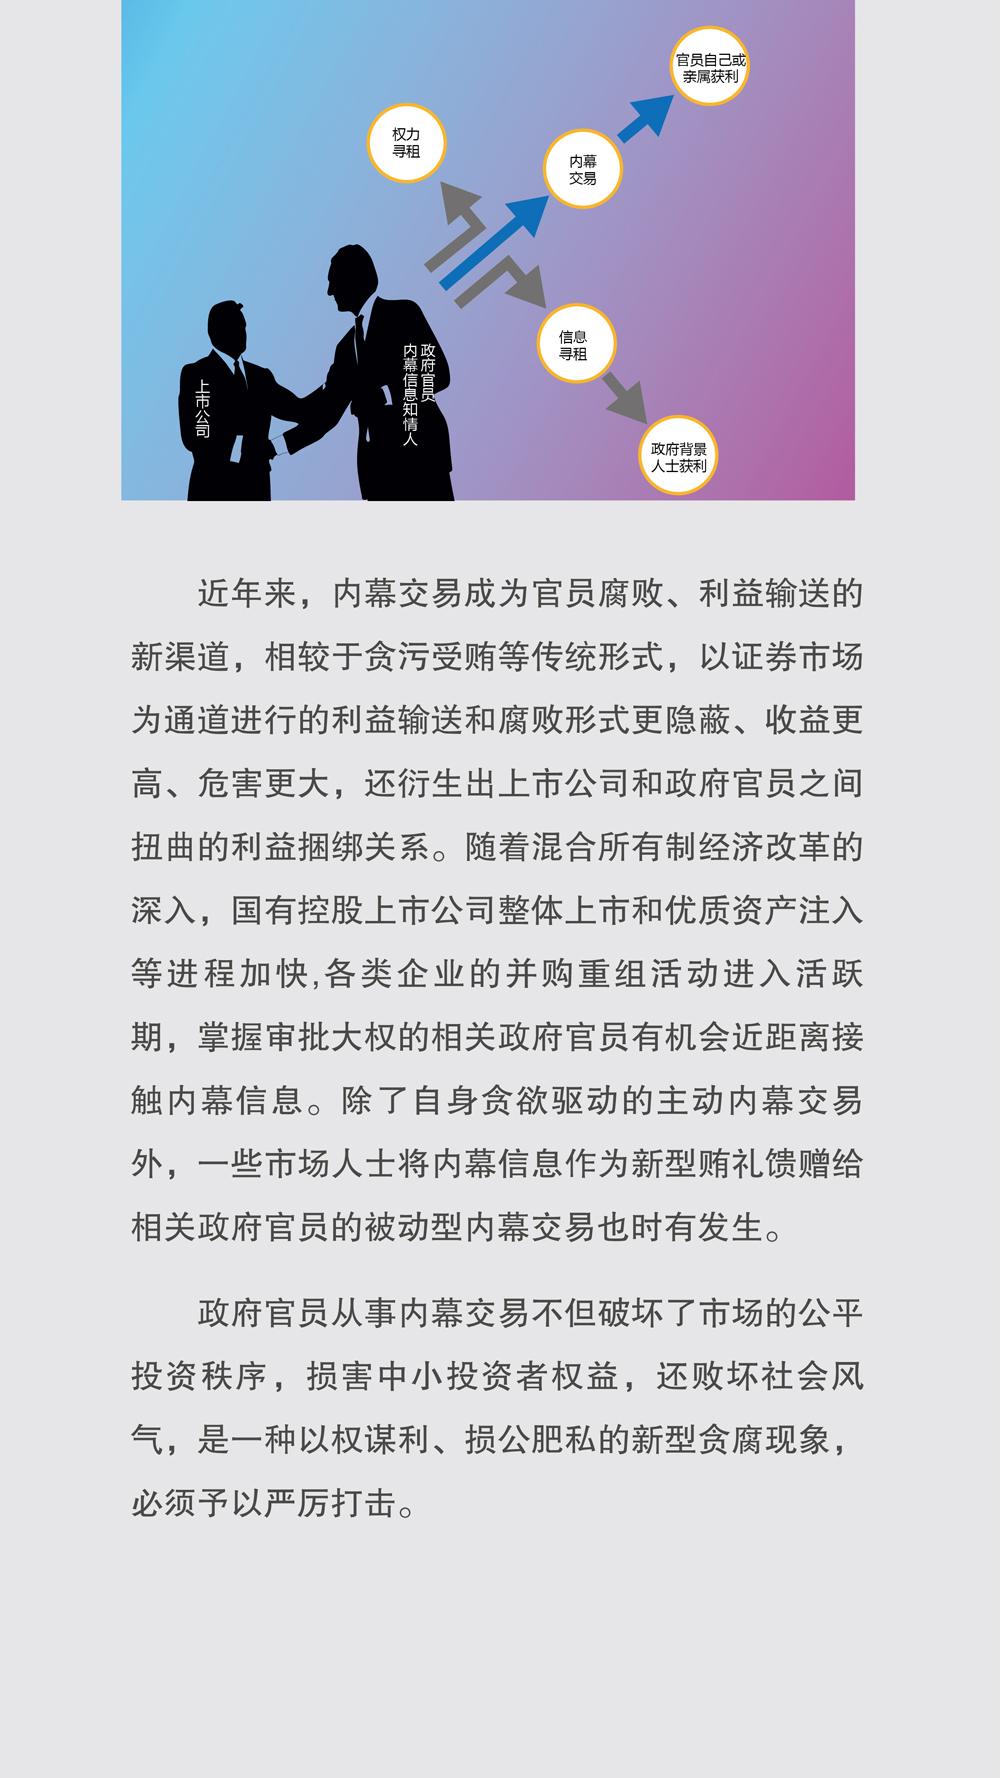 上海证监局内幕交易教育警示展24